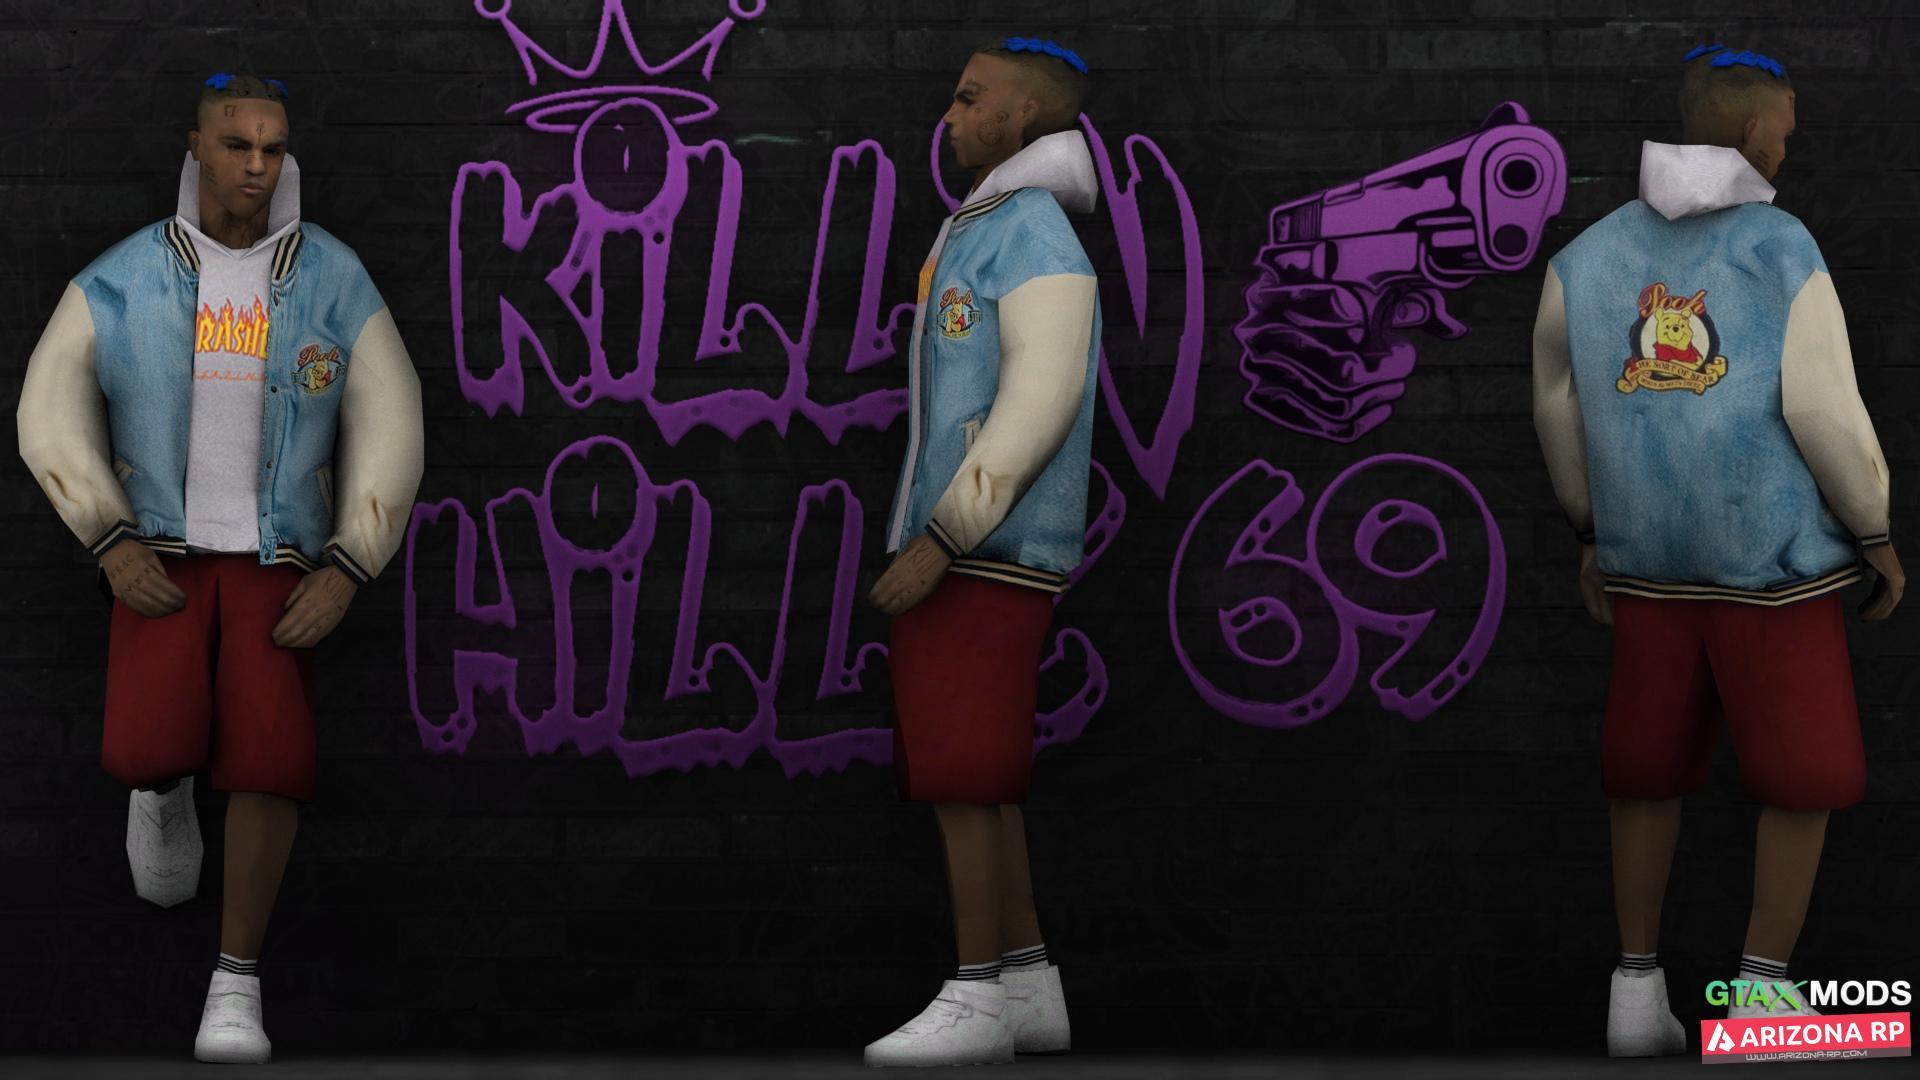 XXXTentacion | Killin Hillz 69